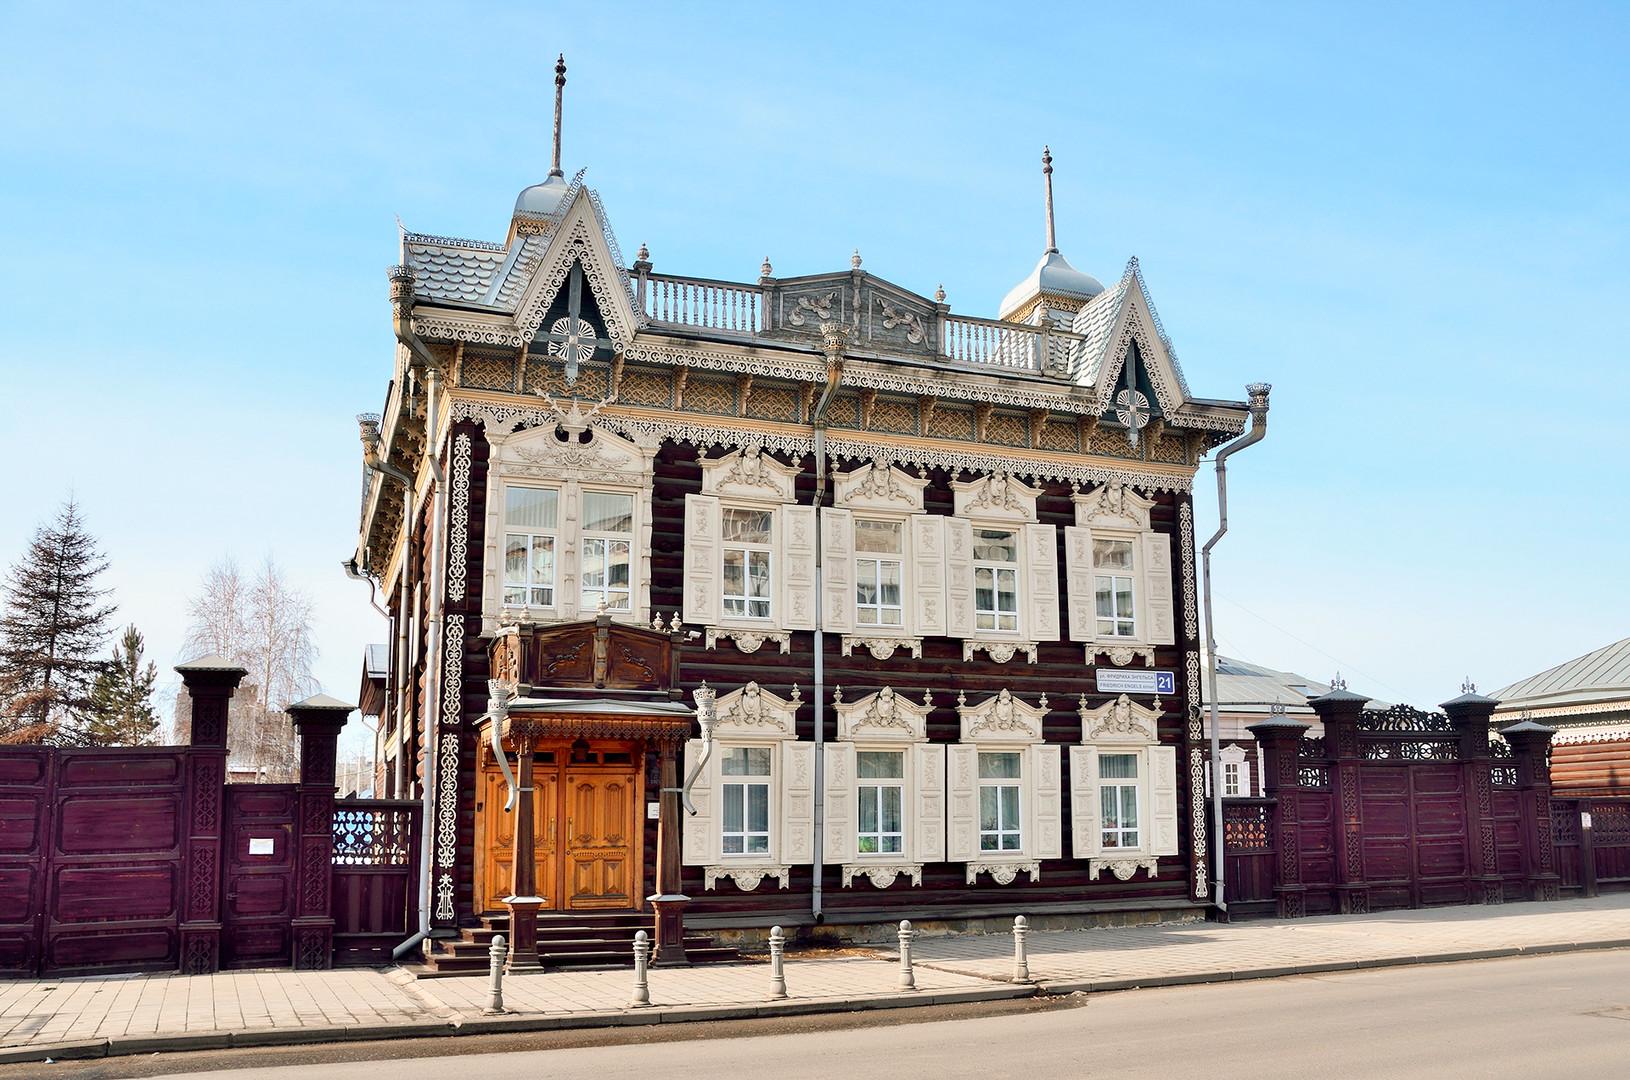 Къща в град Иркутск.